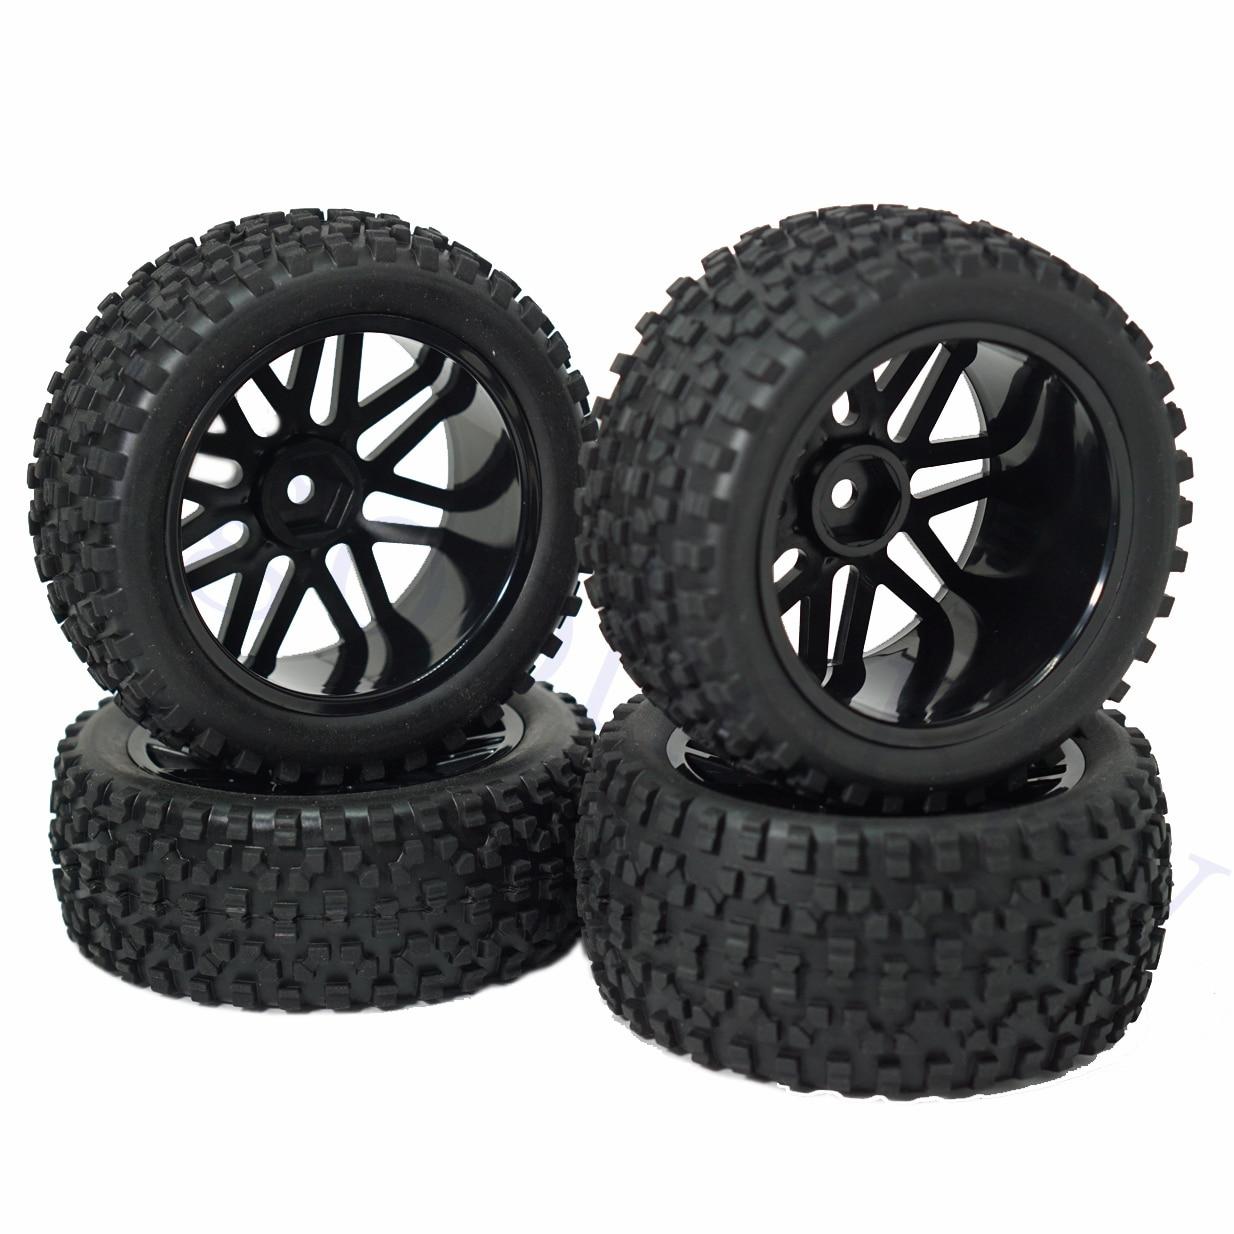 12 мм шестигранные колесные диски в форме сетки резиновые шины с губкой 88 мм/3,46 дюйма Замена для 1/10 RC внедорожника монстр, черный